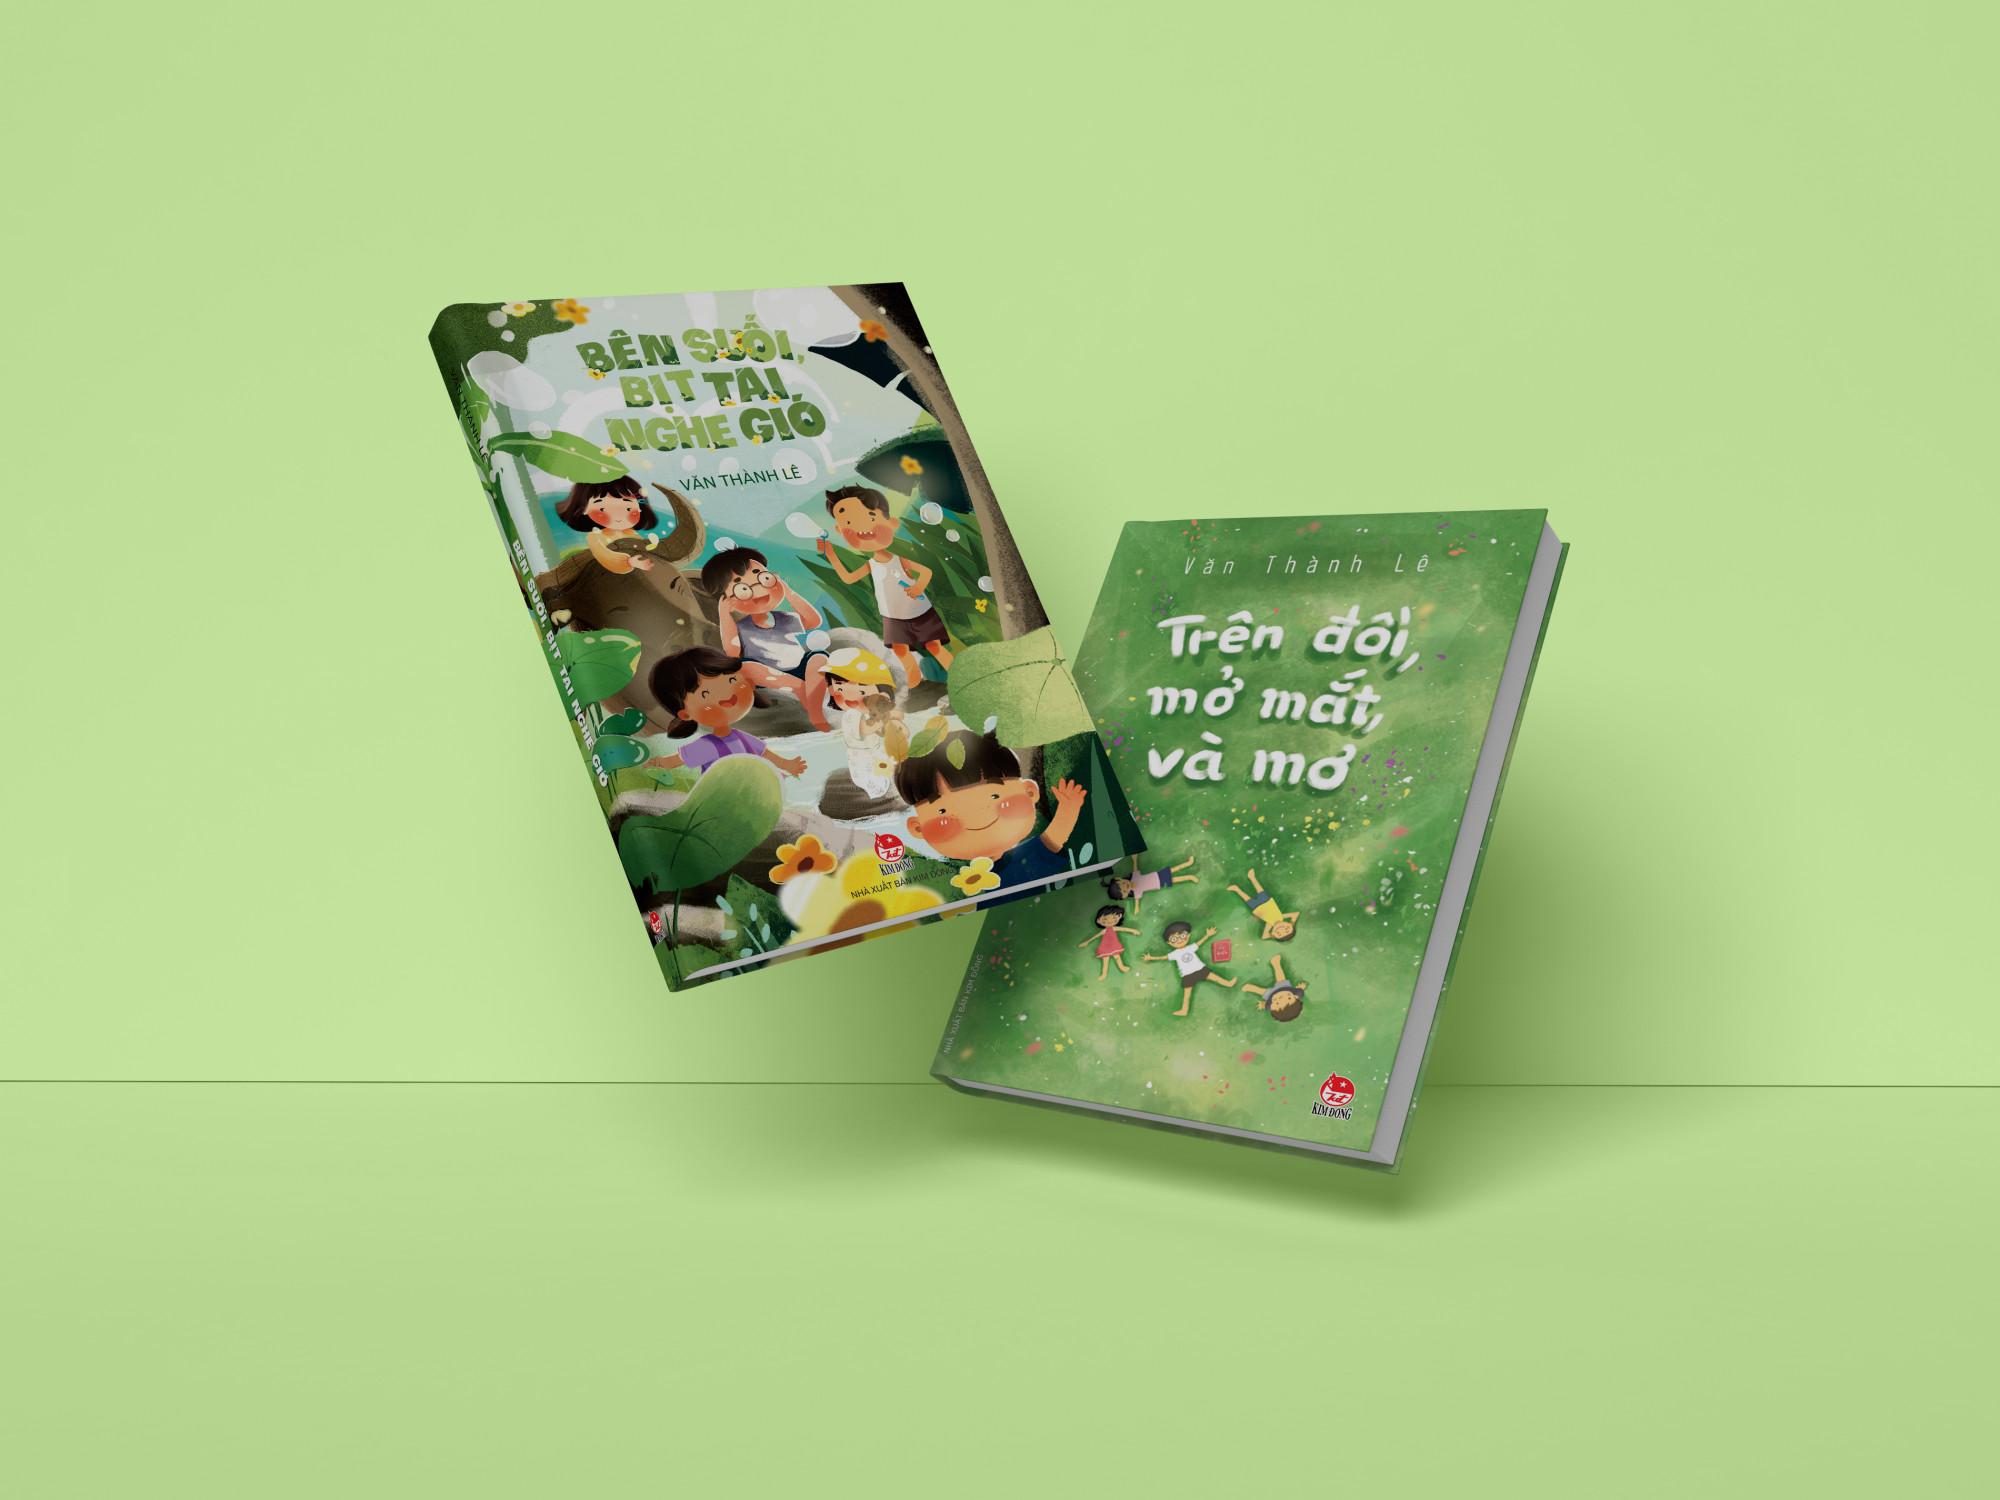 Hai tác phẩm dành cho thiếu nhi được ra mắt gần đây của nhà văn Văn Thành Lê.